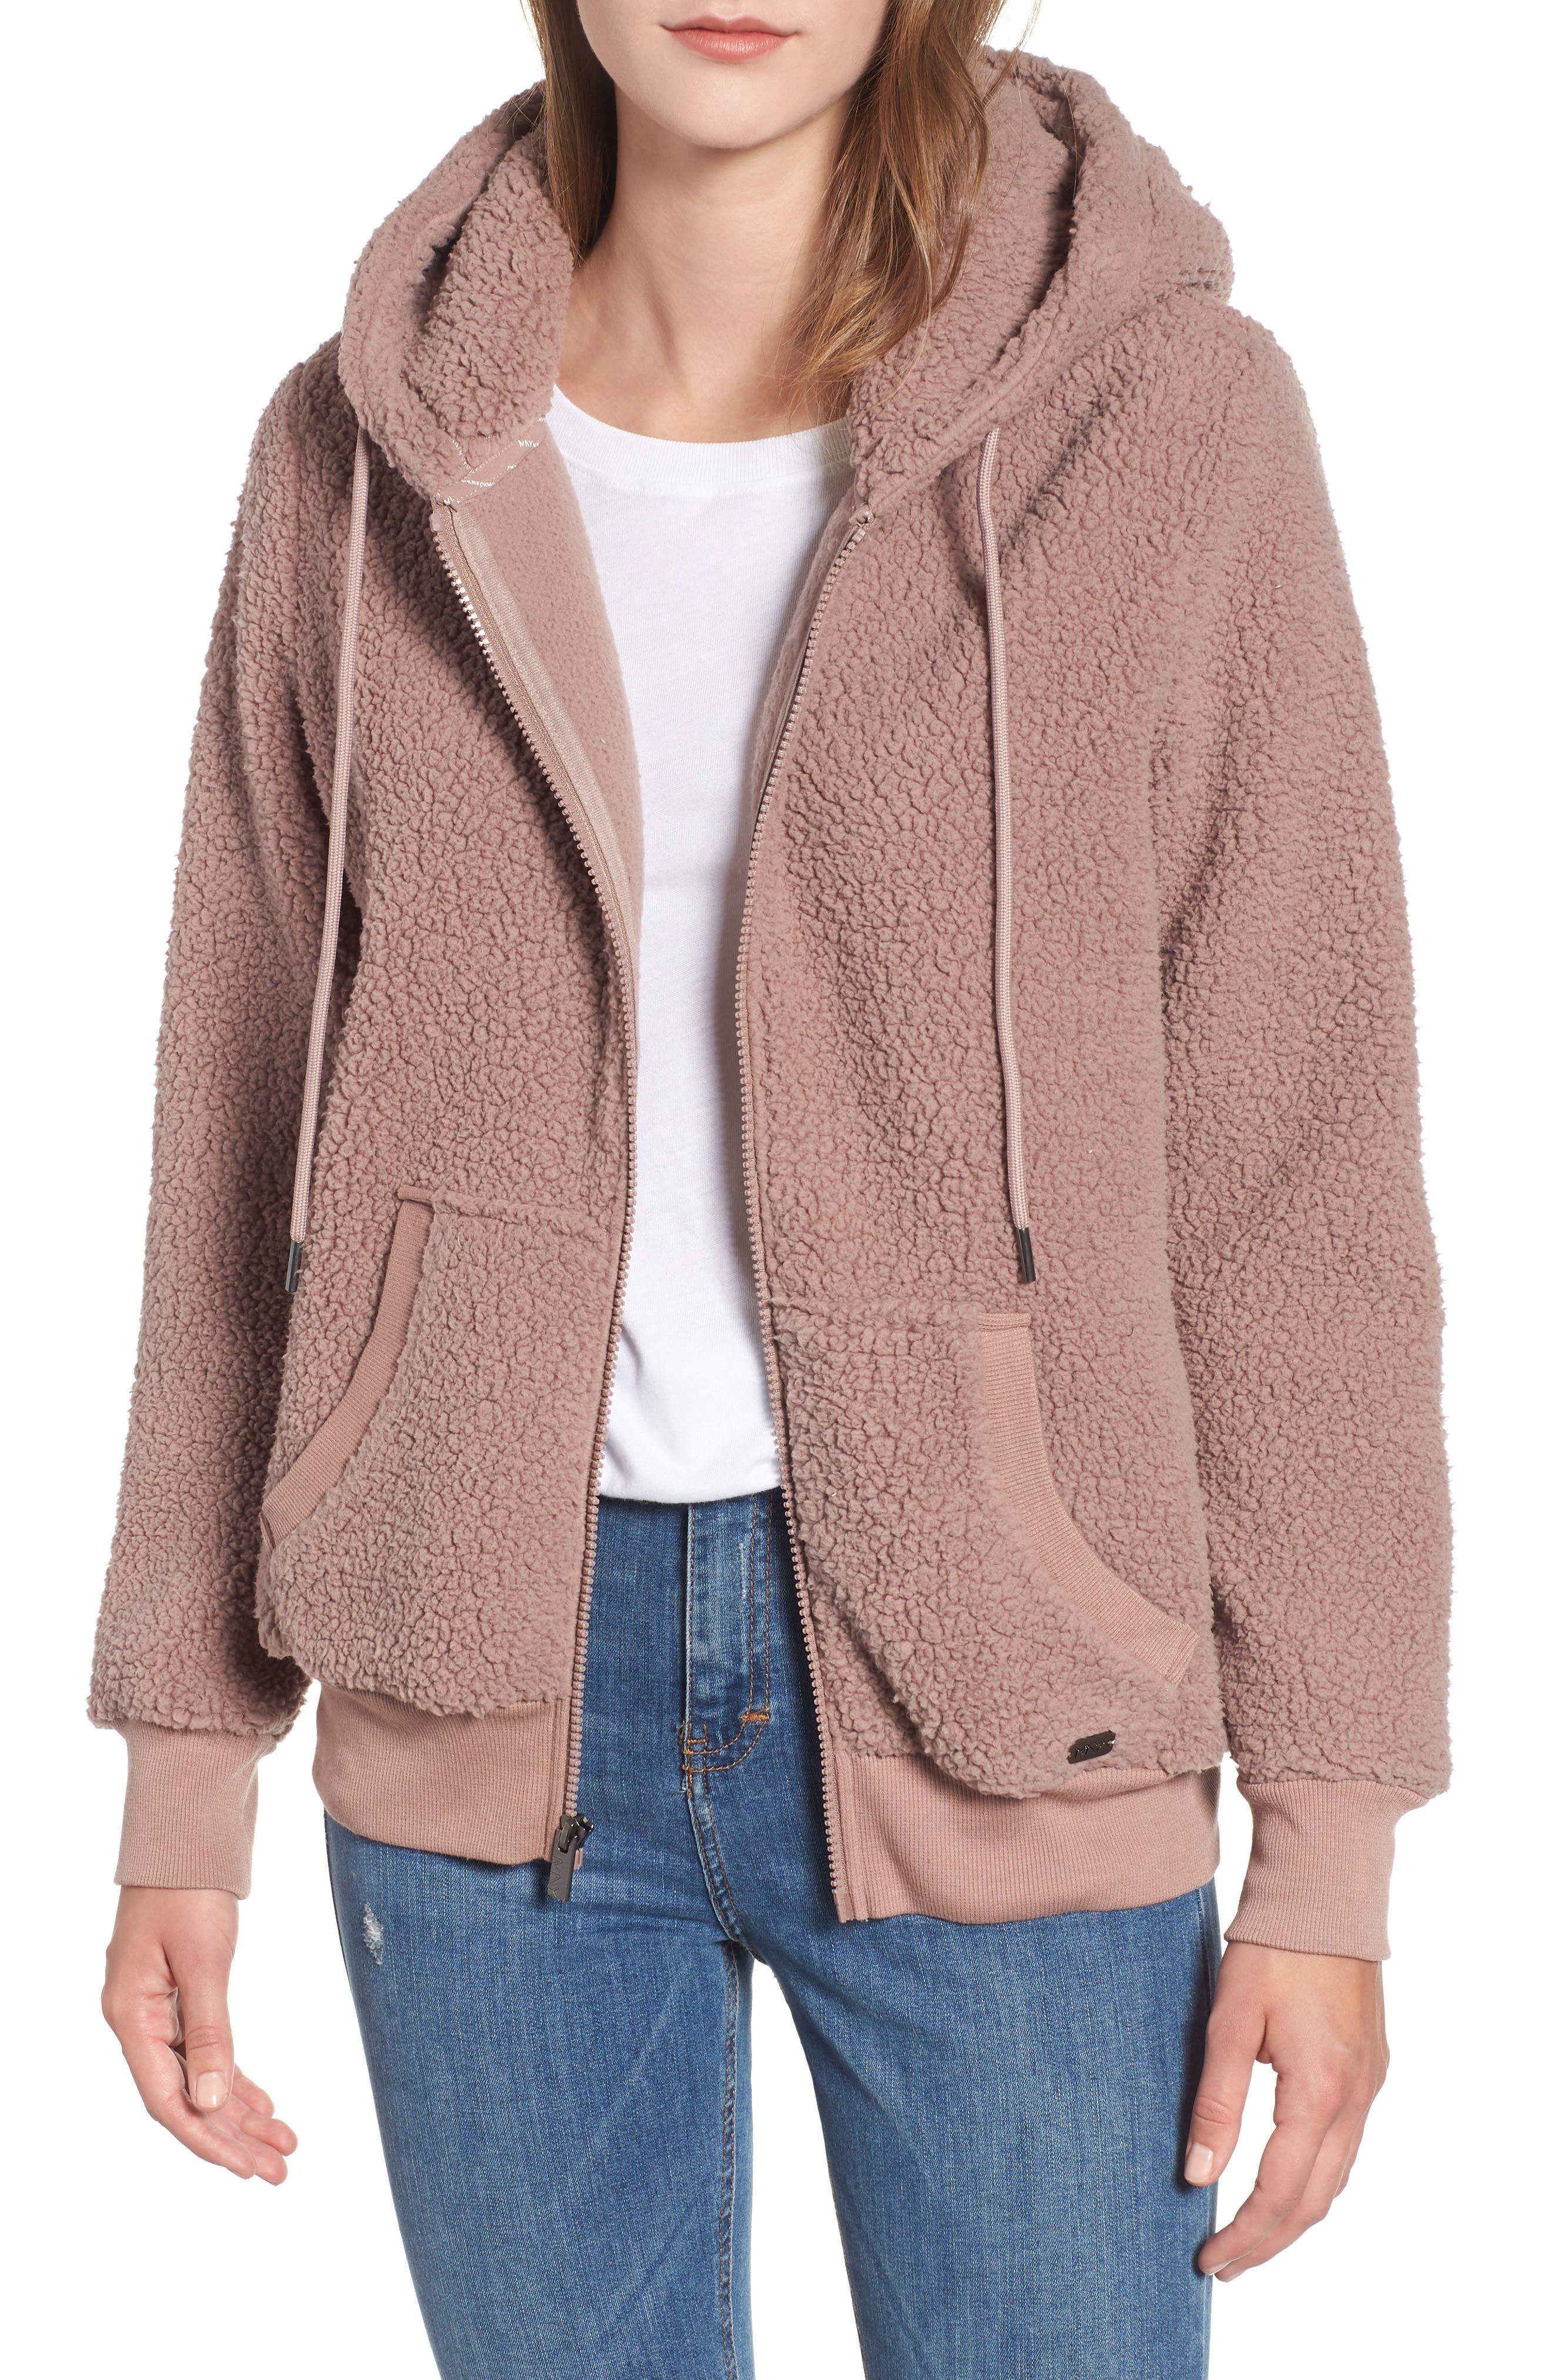 4ee94ea4b4779 Women s Teddy Coats   Jackets